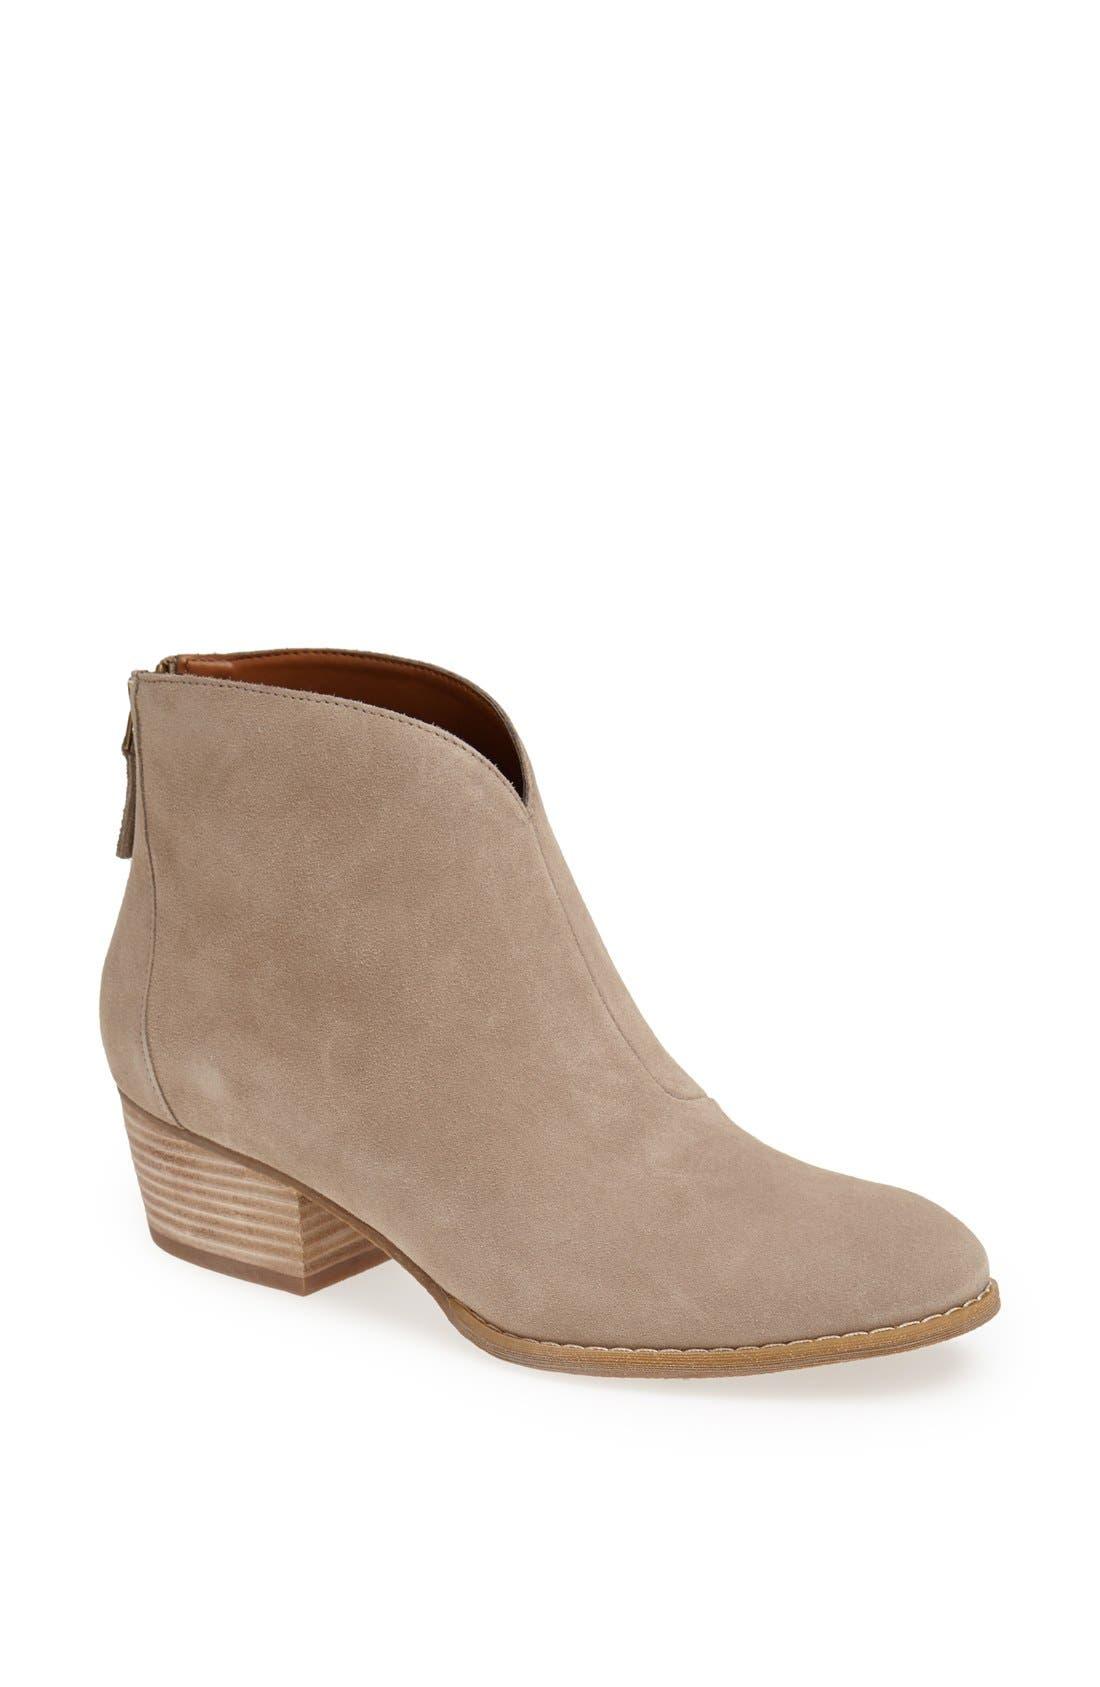 Main Image - Nine West 'Jarrad' Leather Boot